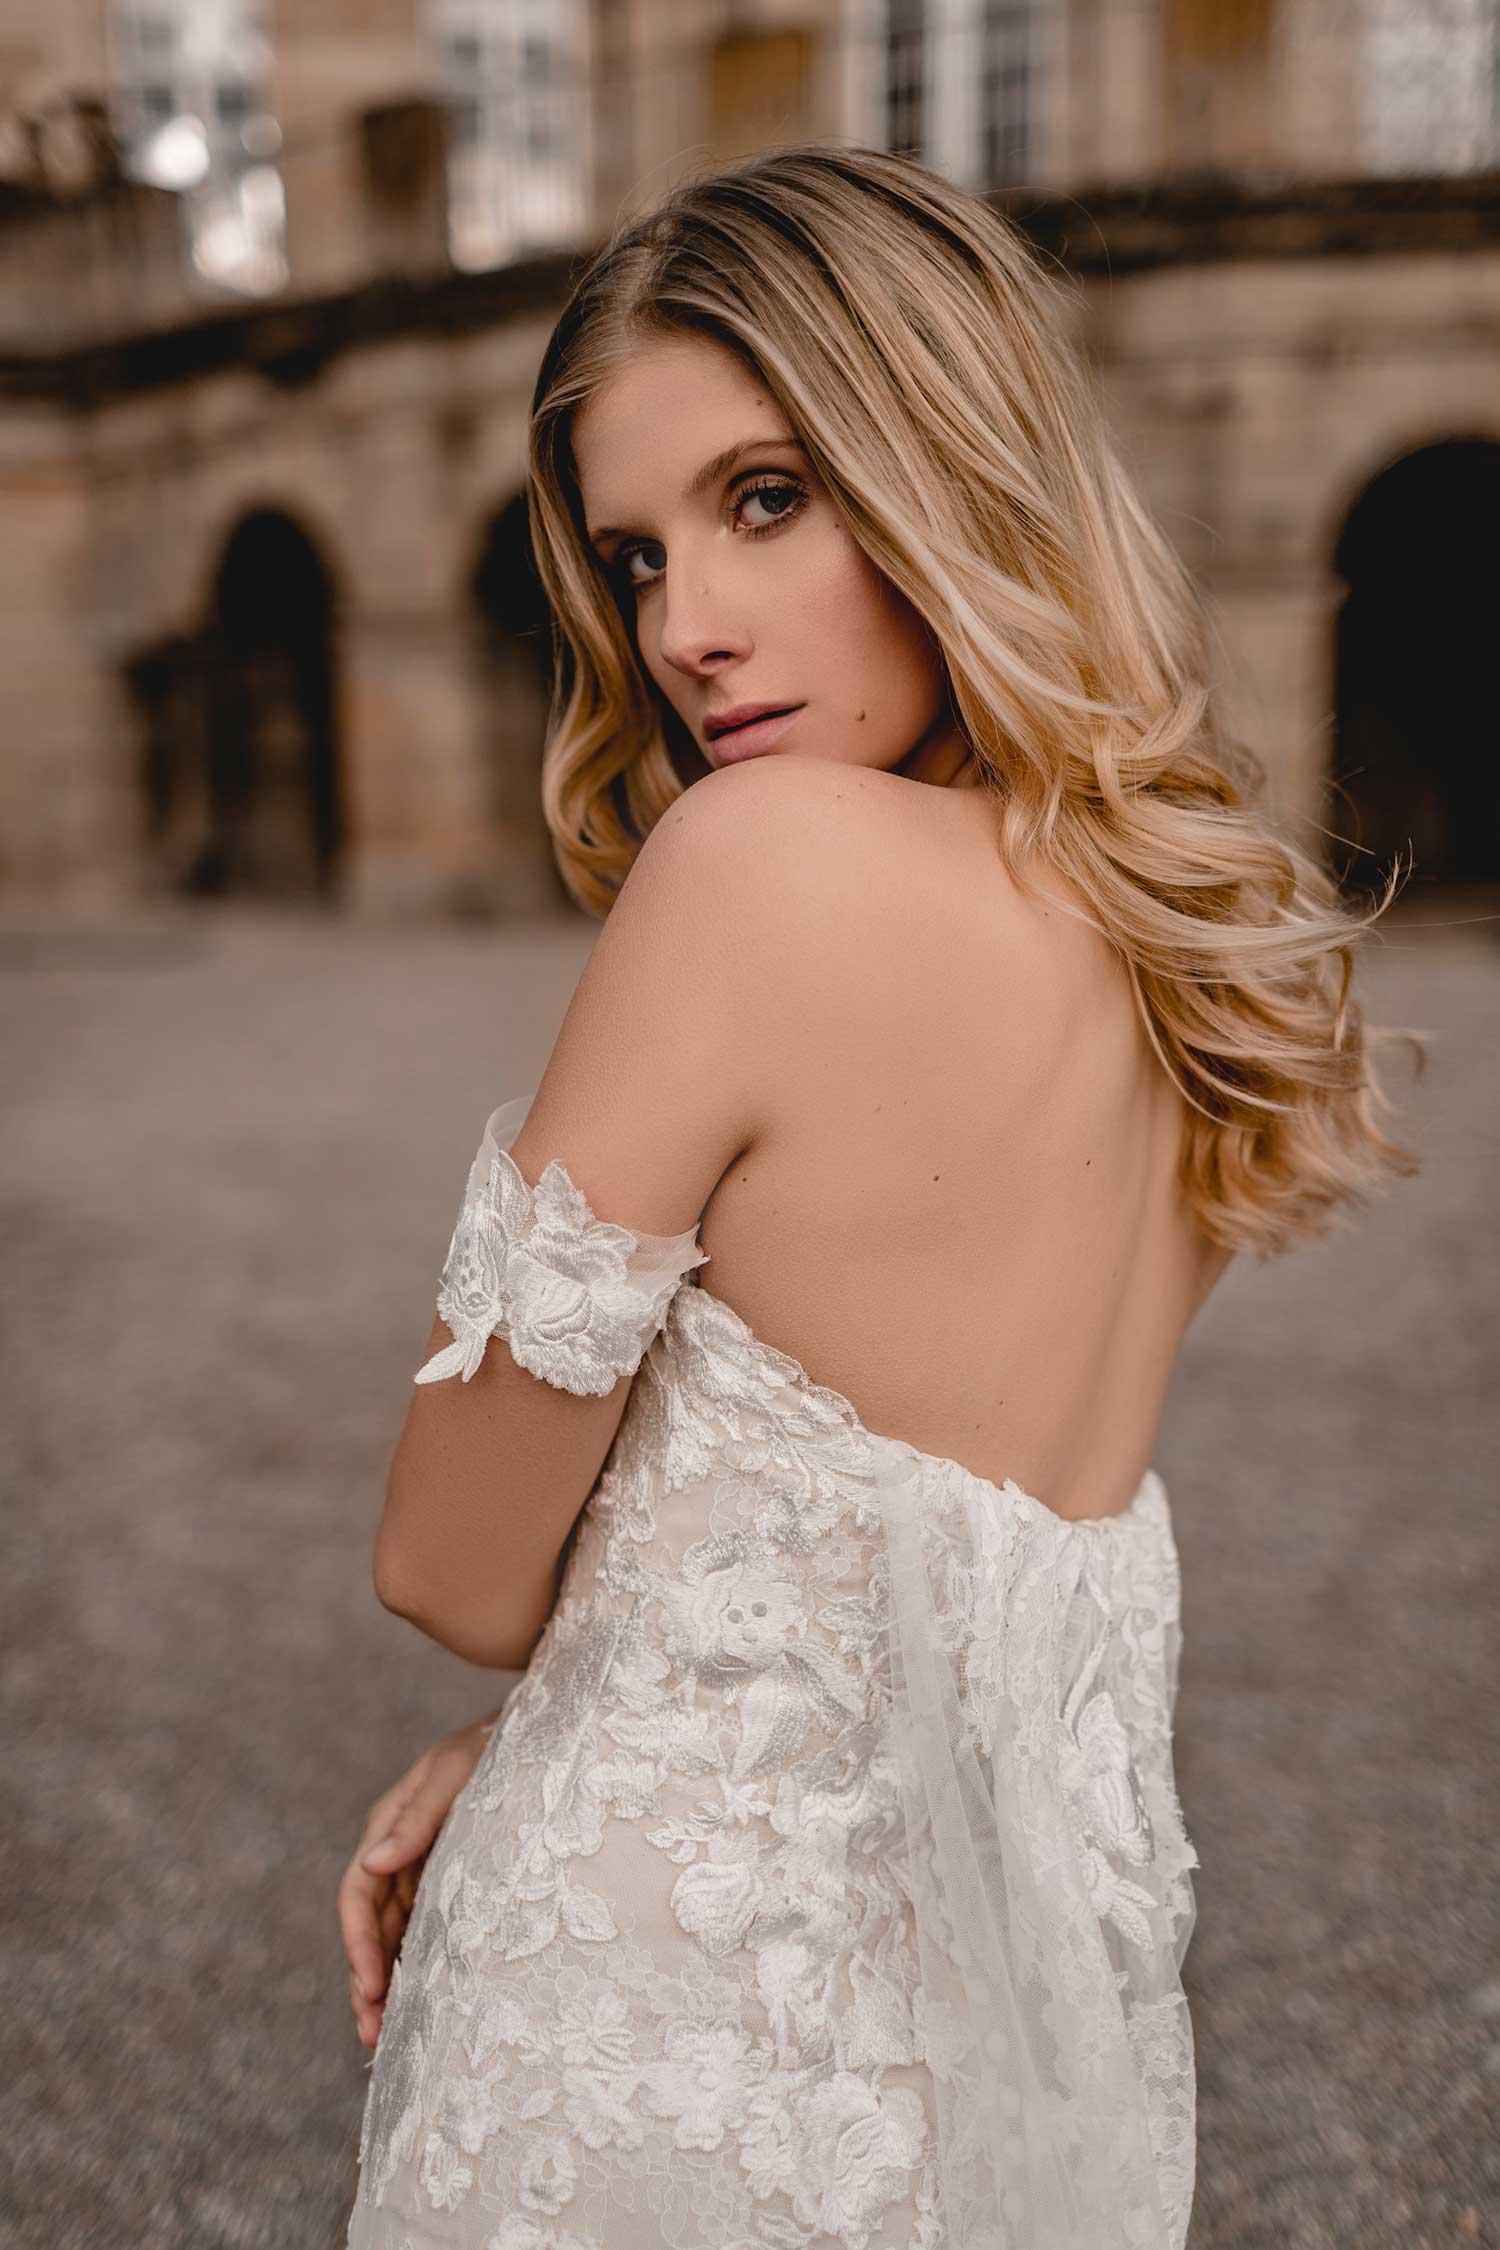 Beautiful model posing in Monrepos Palace